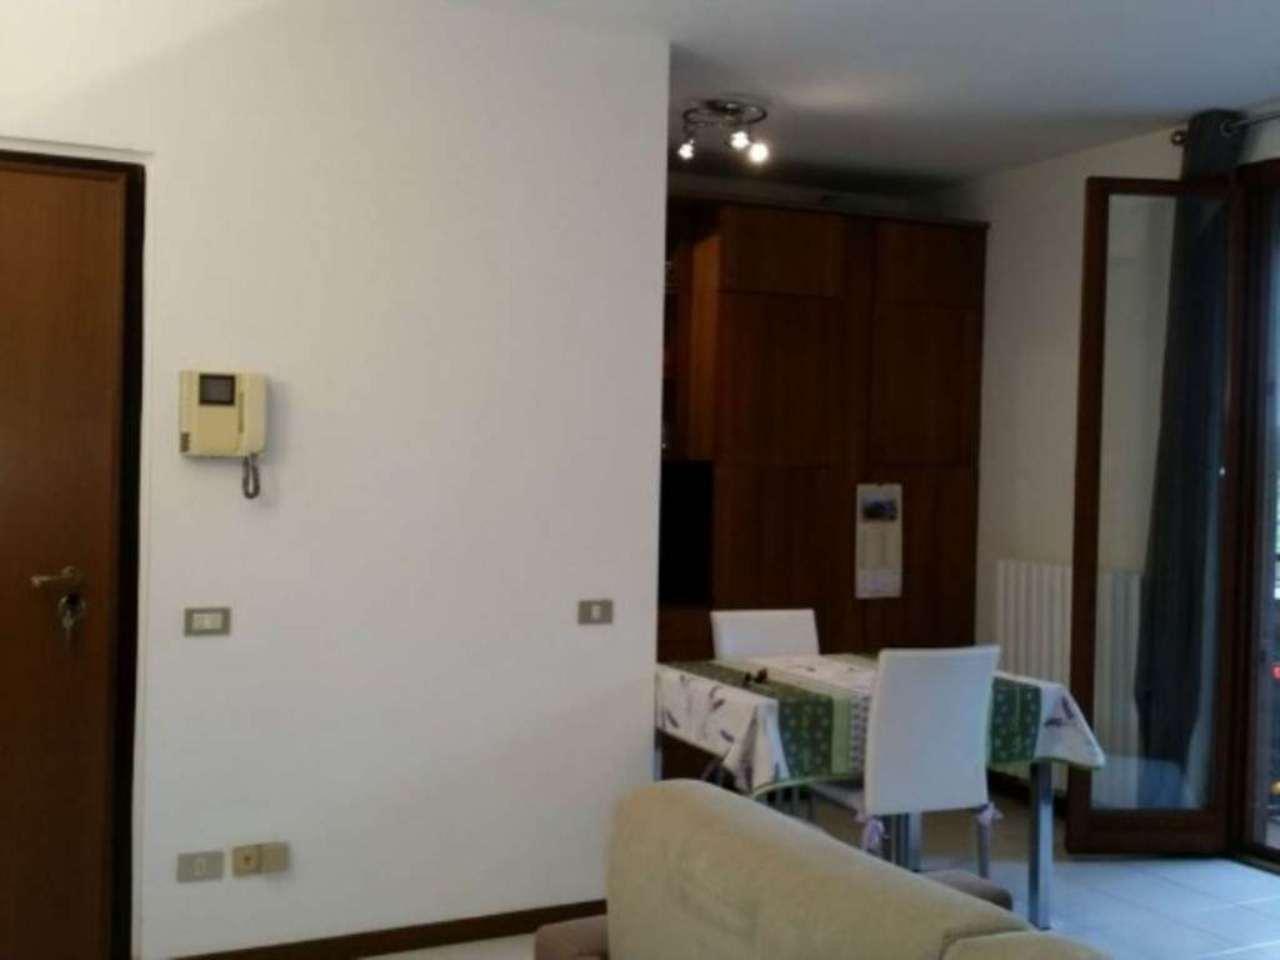 Appartamento in affitto a Peschiera Borromeo, 2 locali, prezzo € 700 | CambioCasa.it